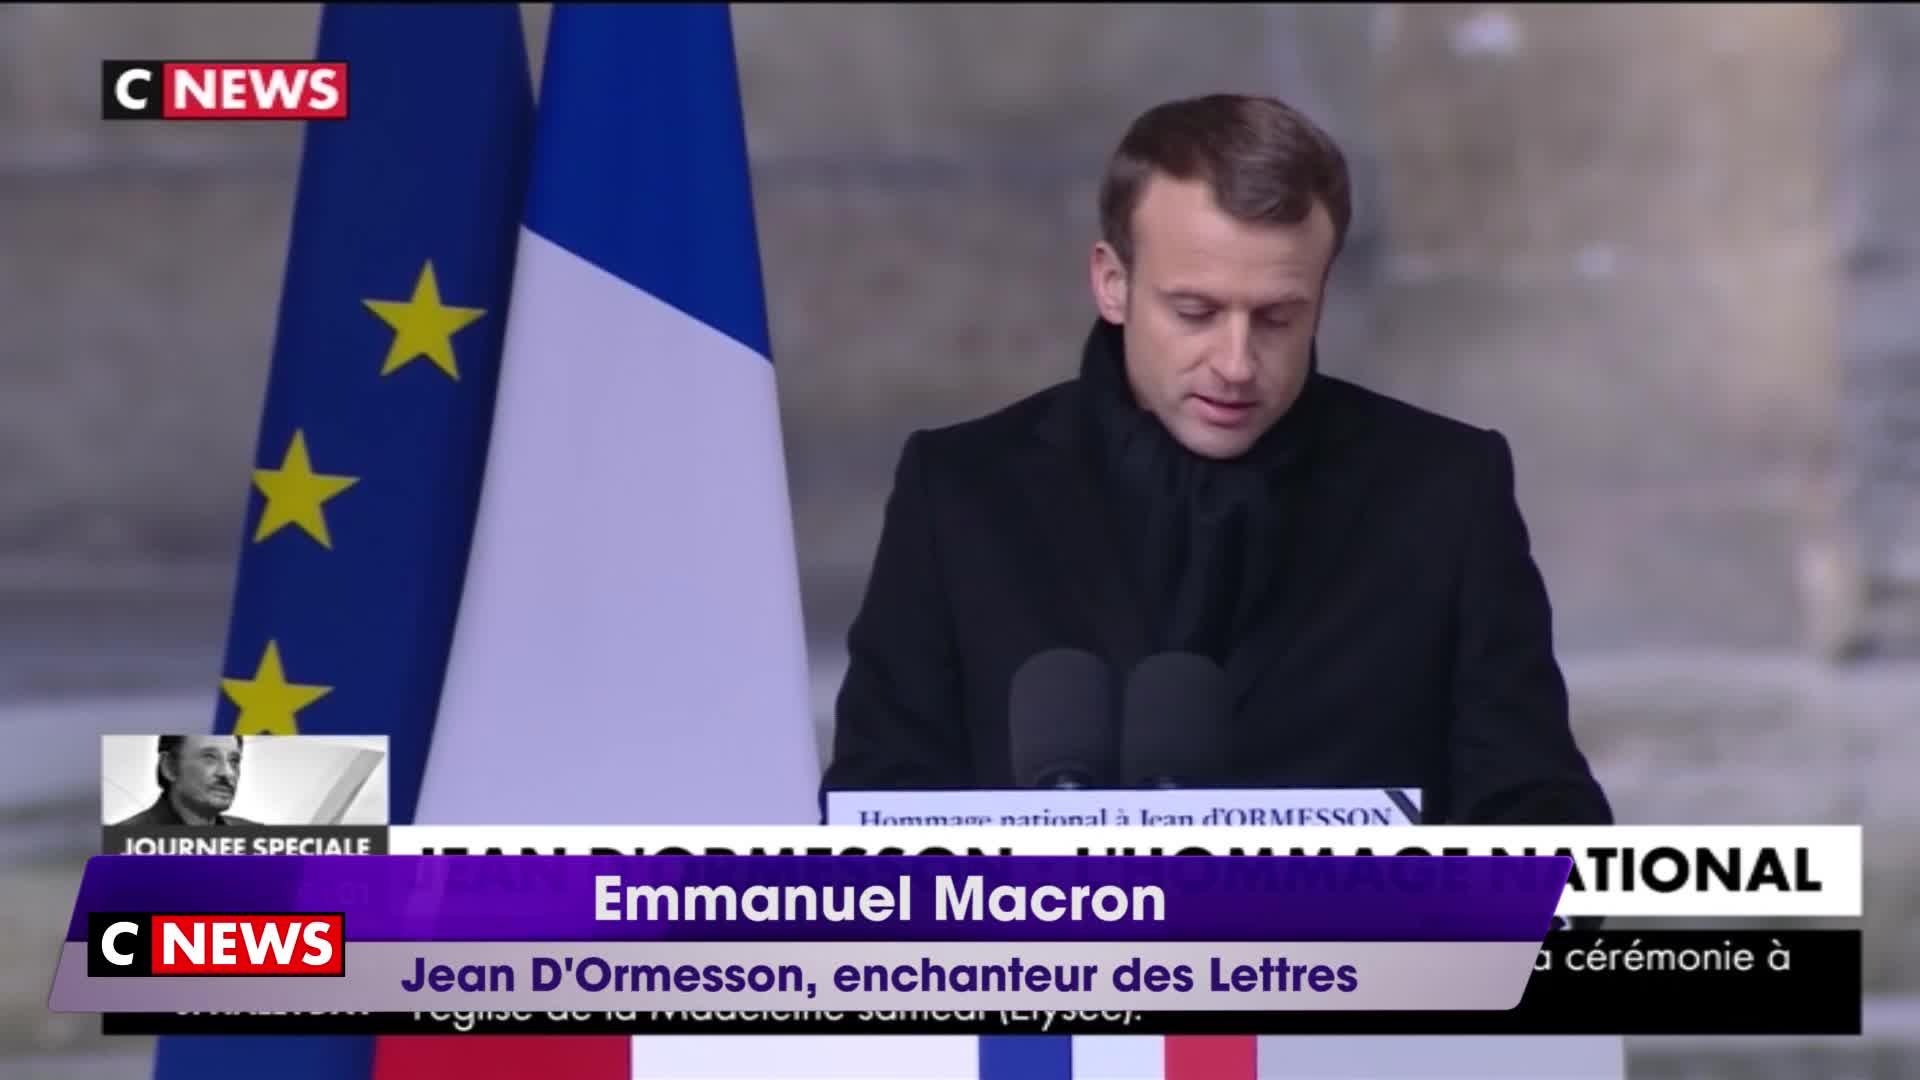 Emmanuel Macron   Jean D Ormesson, enchanteur des Lettres  Video  f74ad0e09b6e